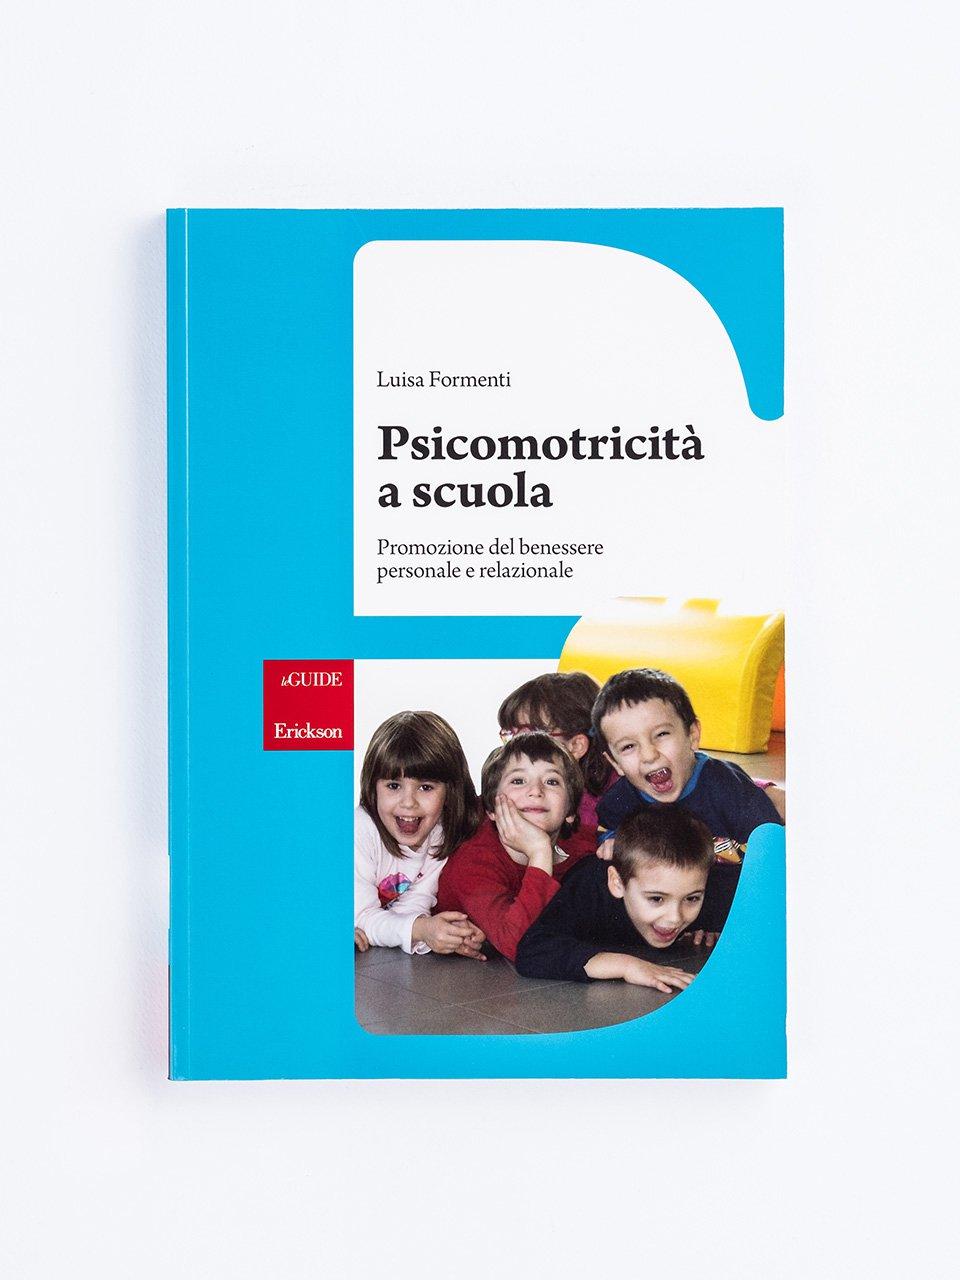 Psicomotricità a scuola - L'osservazione del bambino nel lavoro psicomotorio - Erickson